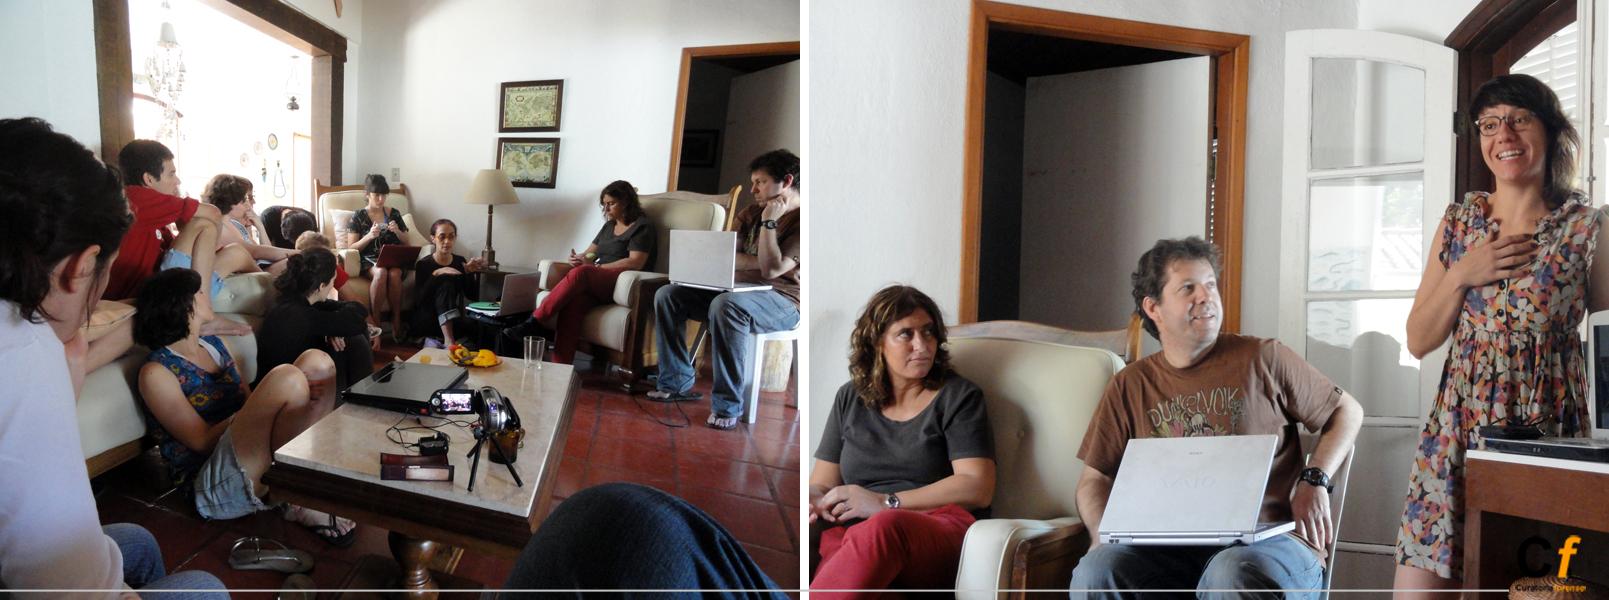 presentación de portafolios de los participantes de la residencia